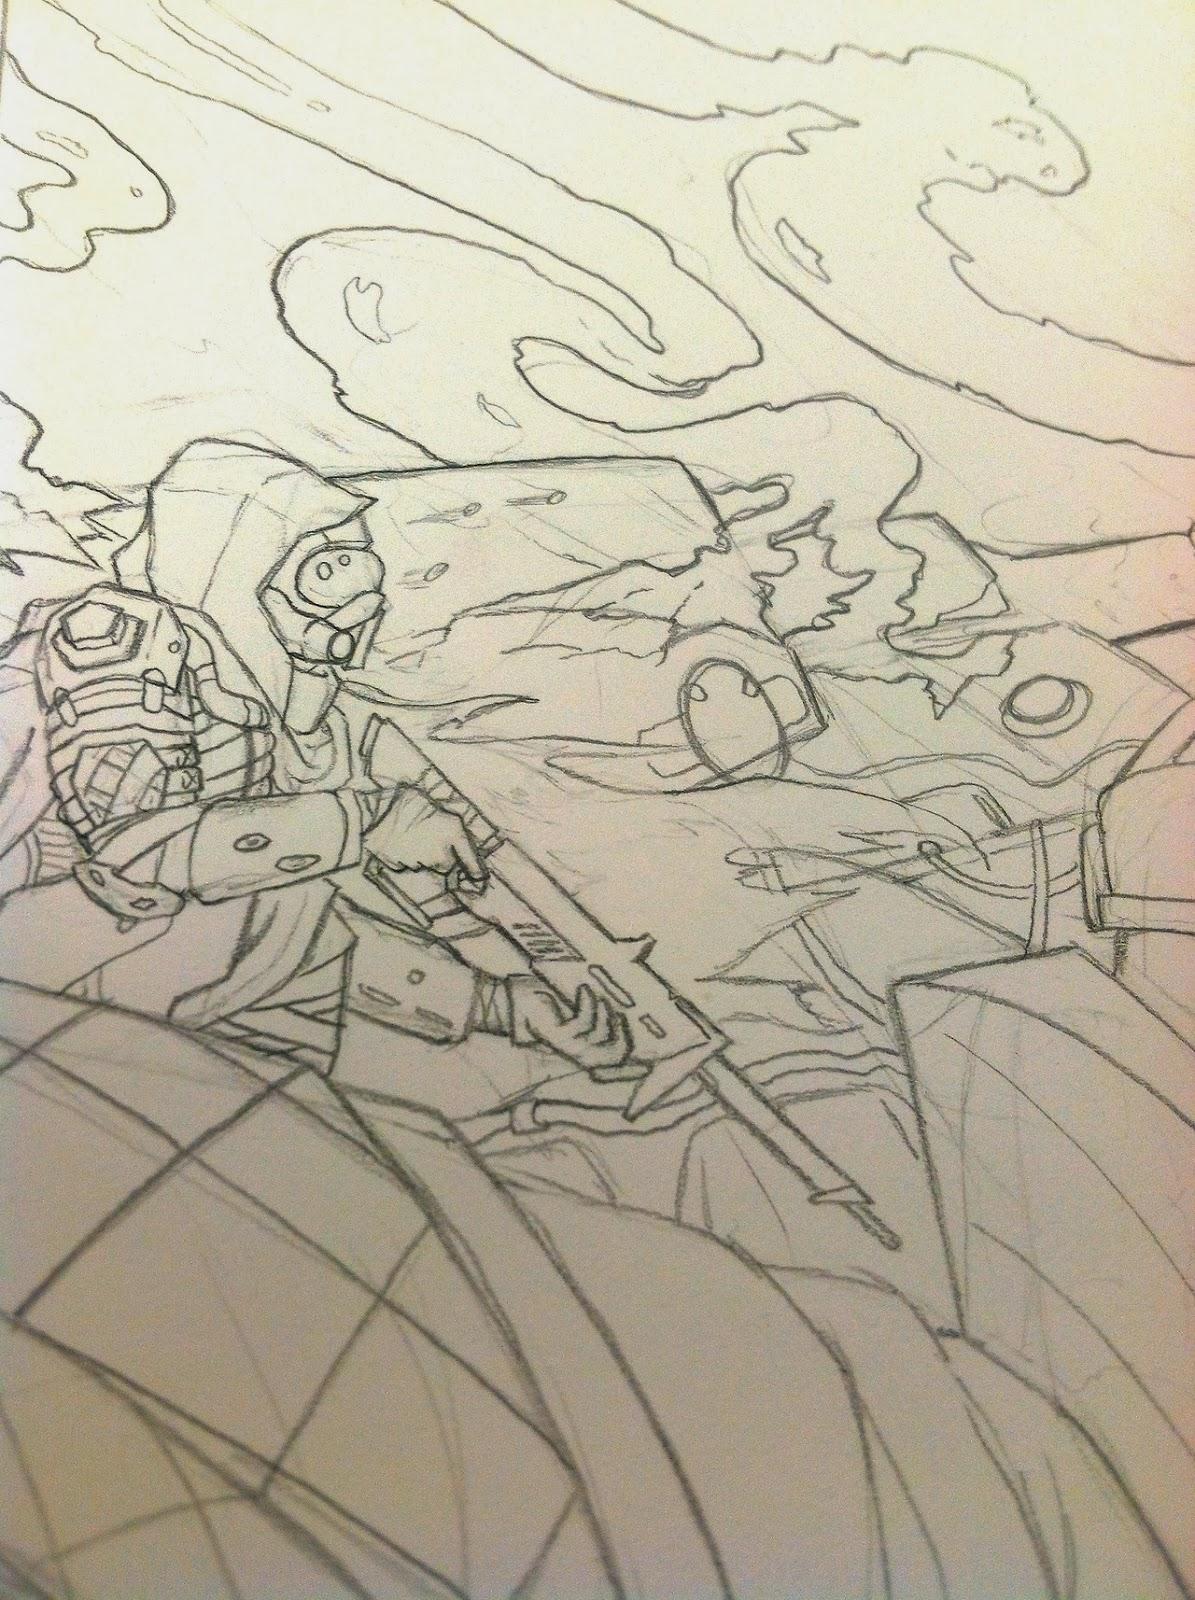 destiny fan art design sketch